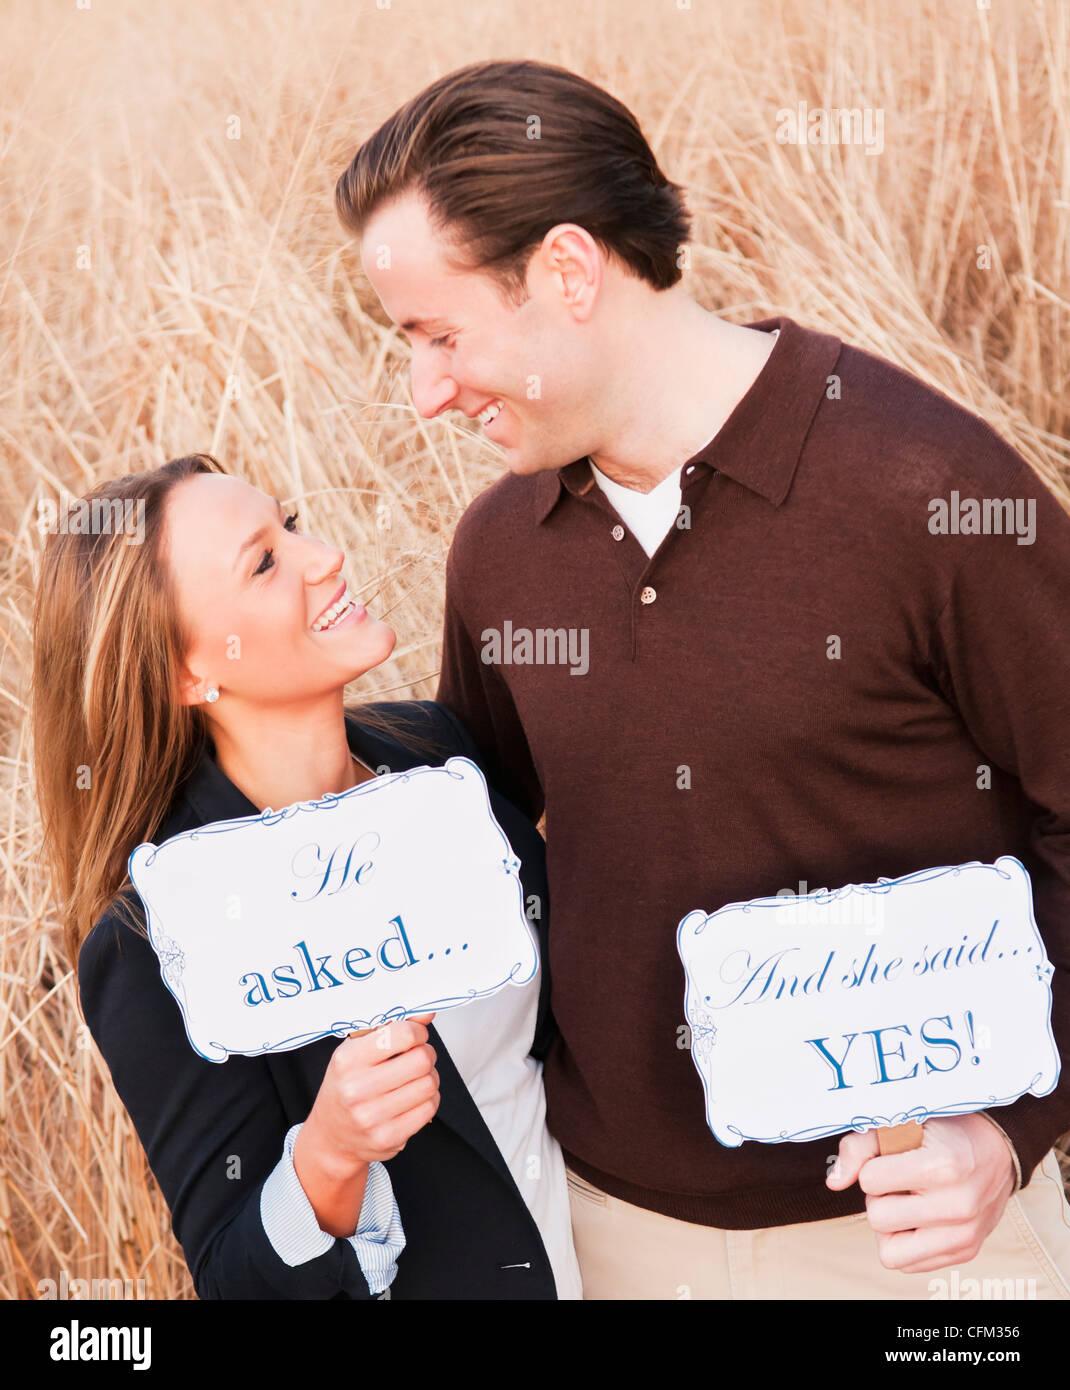 USA, New York, Long Island City, junges Paar Flirten im Weizenfeld Stockbild